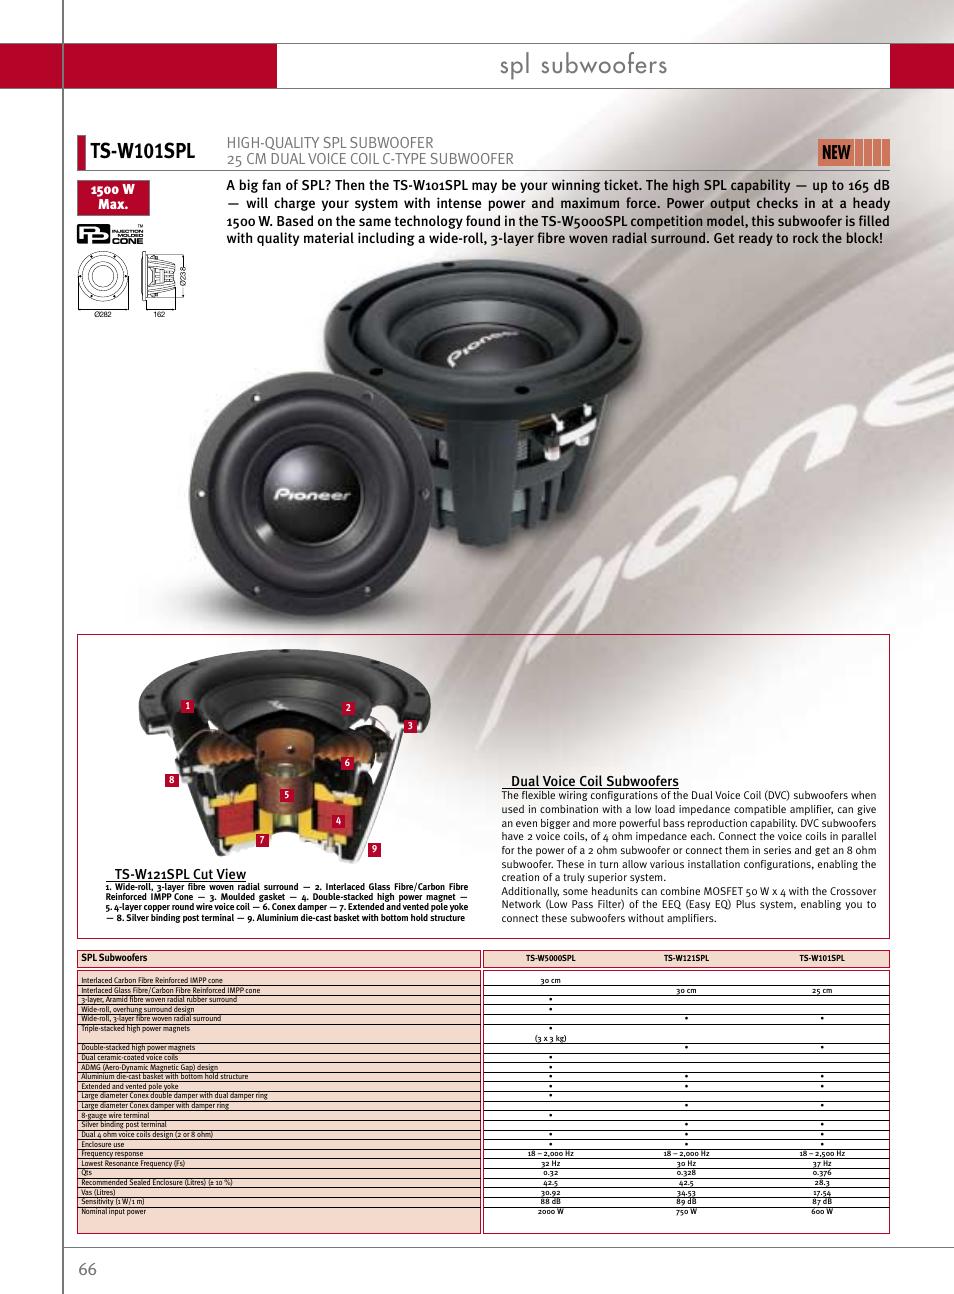 Spl subwoofers, Ts-w101spl, Ts-w121spl cut view | Pioneer Reference ...